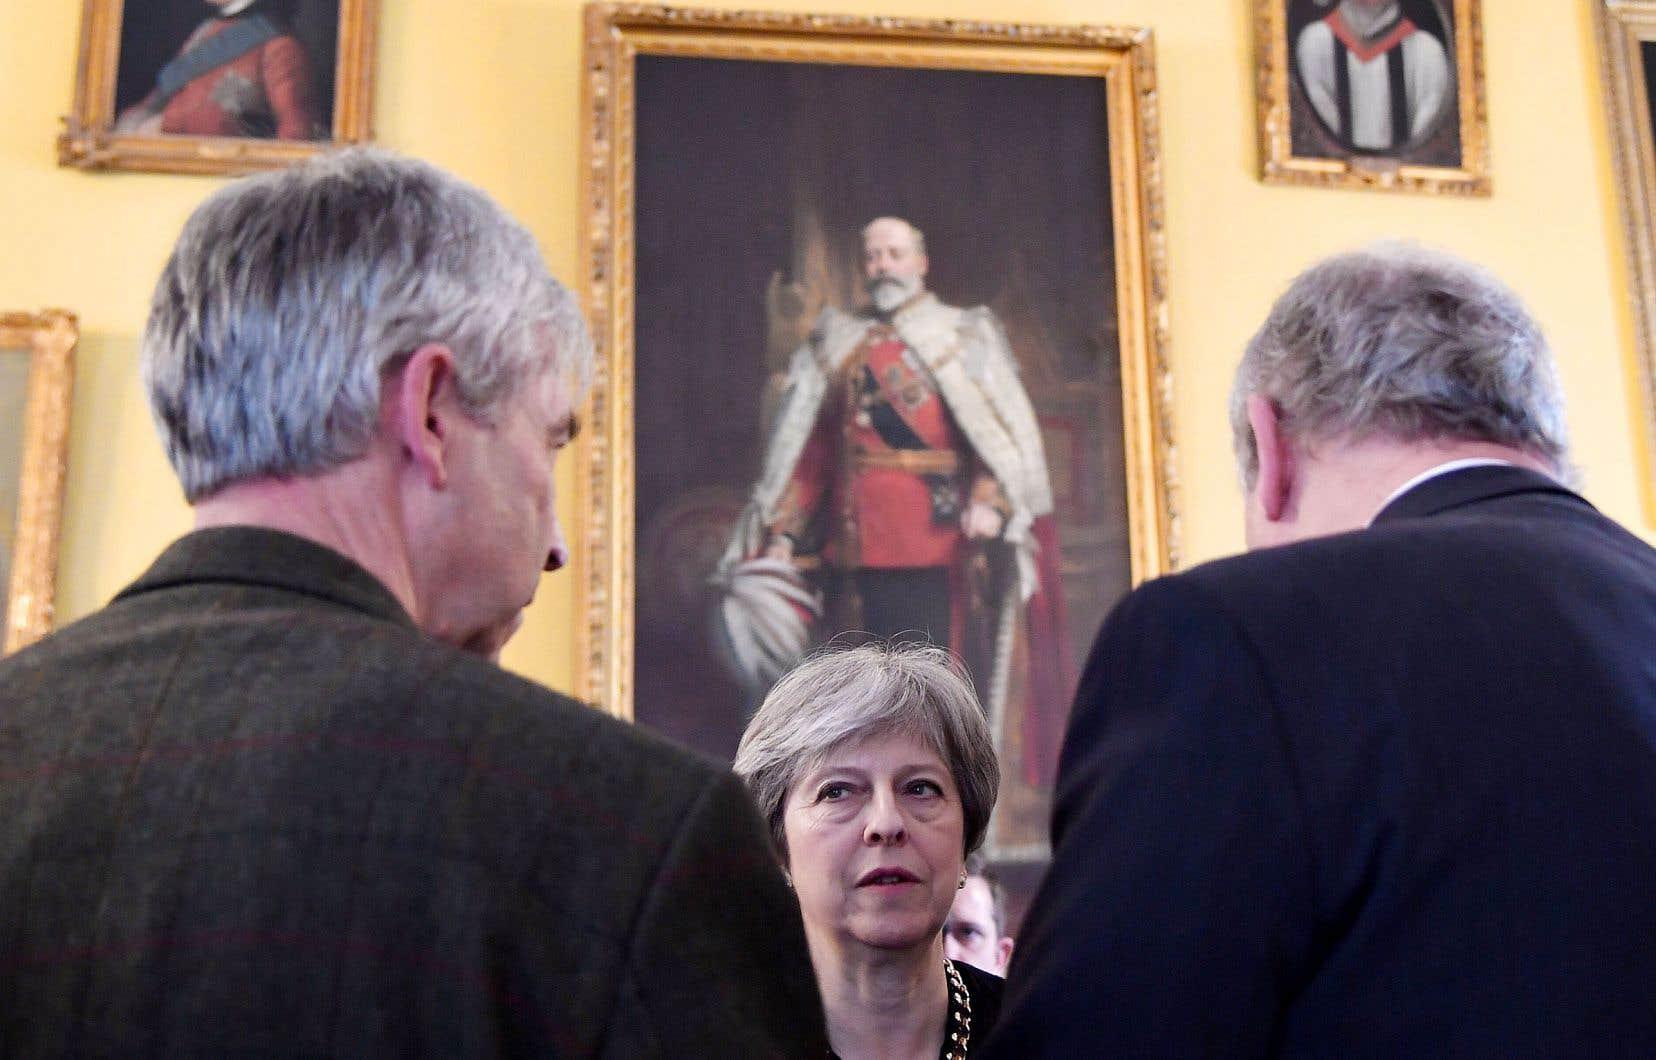 La première ministre britannique, Theresa May, a visité Salisbury pour la première fois depuis l'empoisonnement dans cette petite ville du sud de l'Angleterre de l'ex-agent double russe Sergueï Skripal et sa fille.